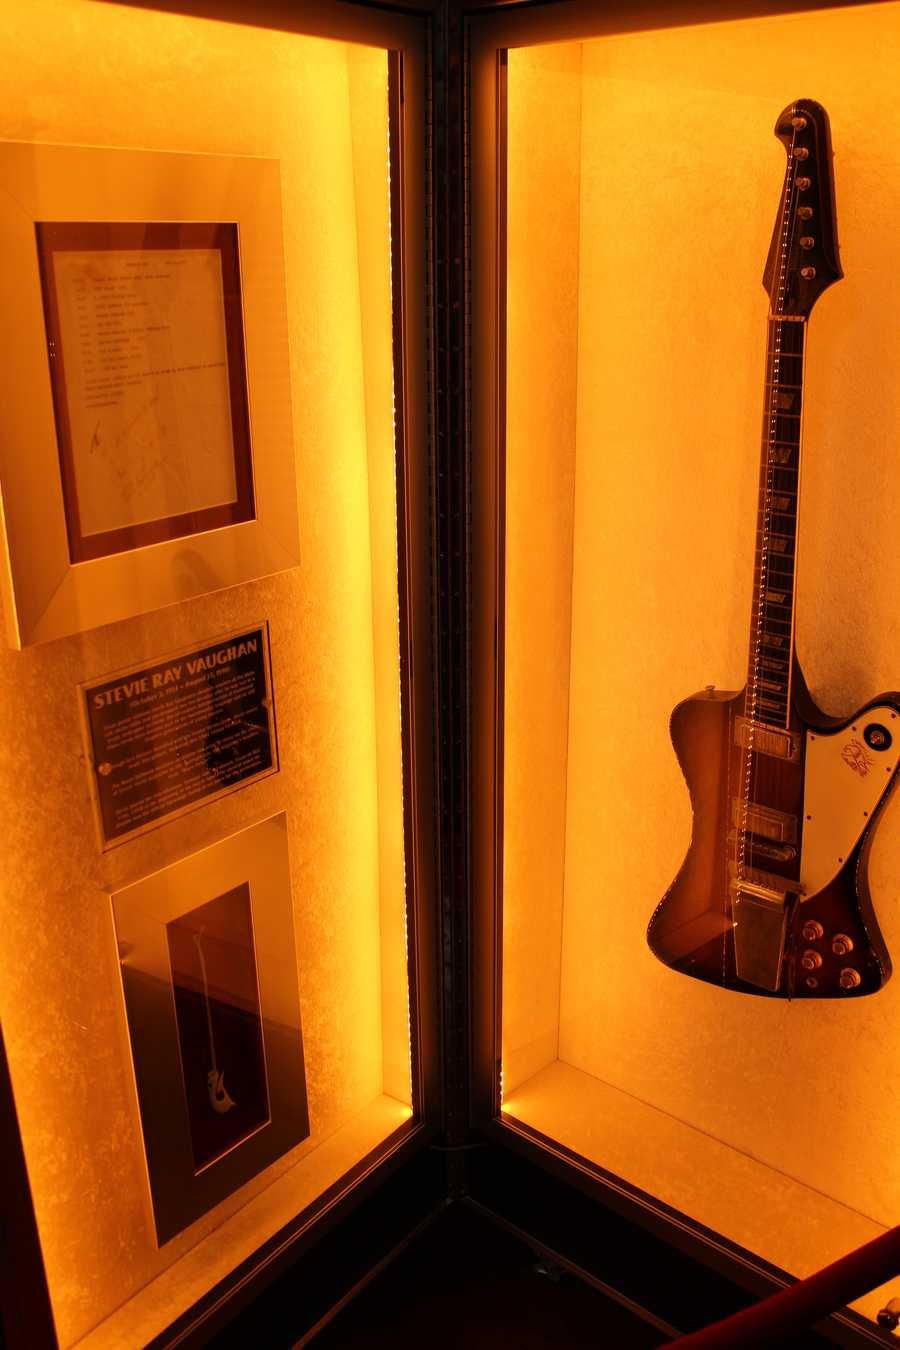 Stevie Ray Vaughan's '64 Gibson Firebird